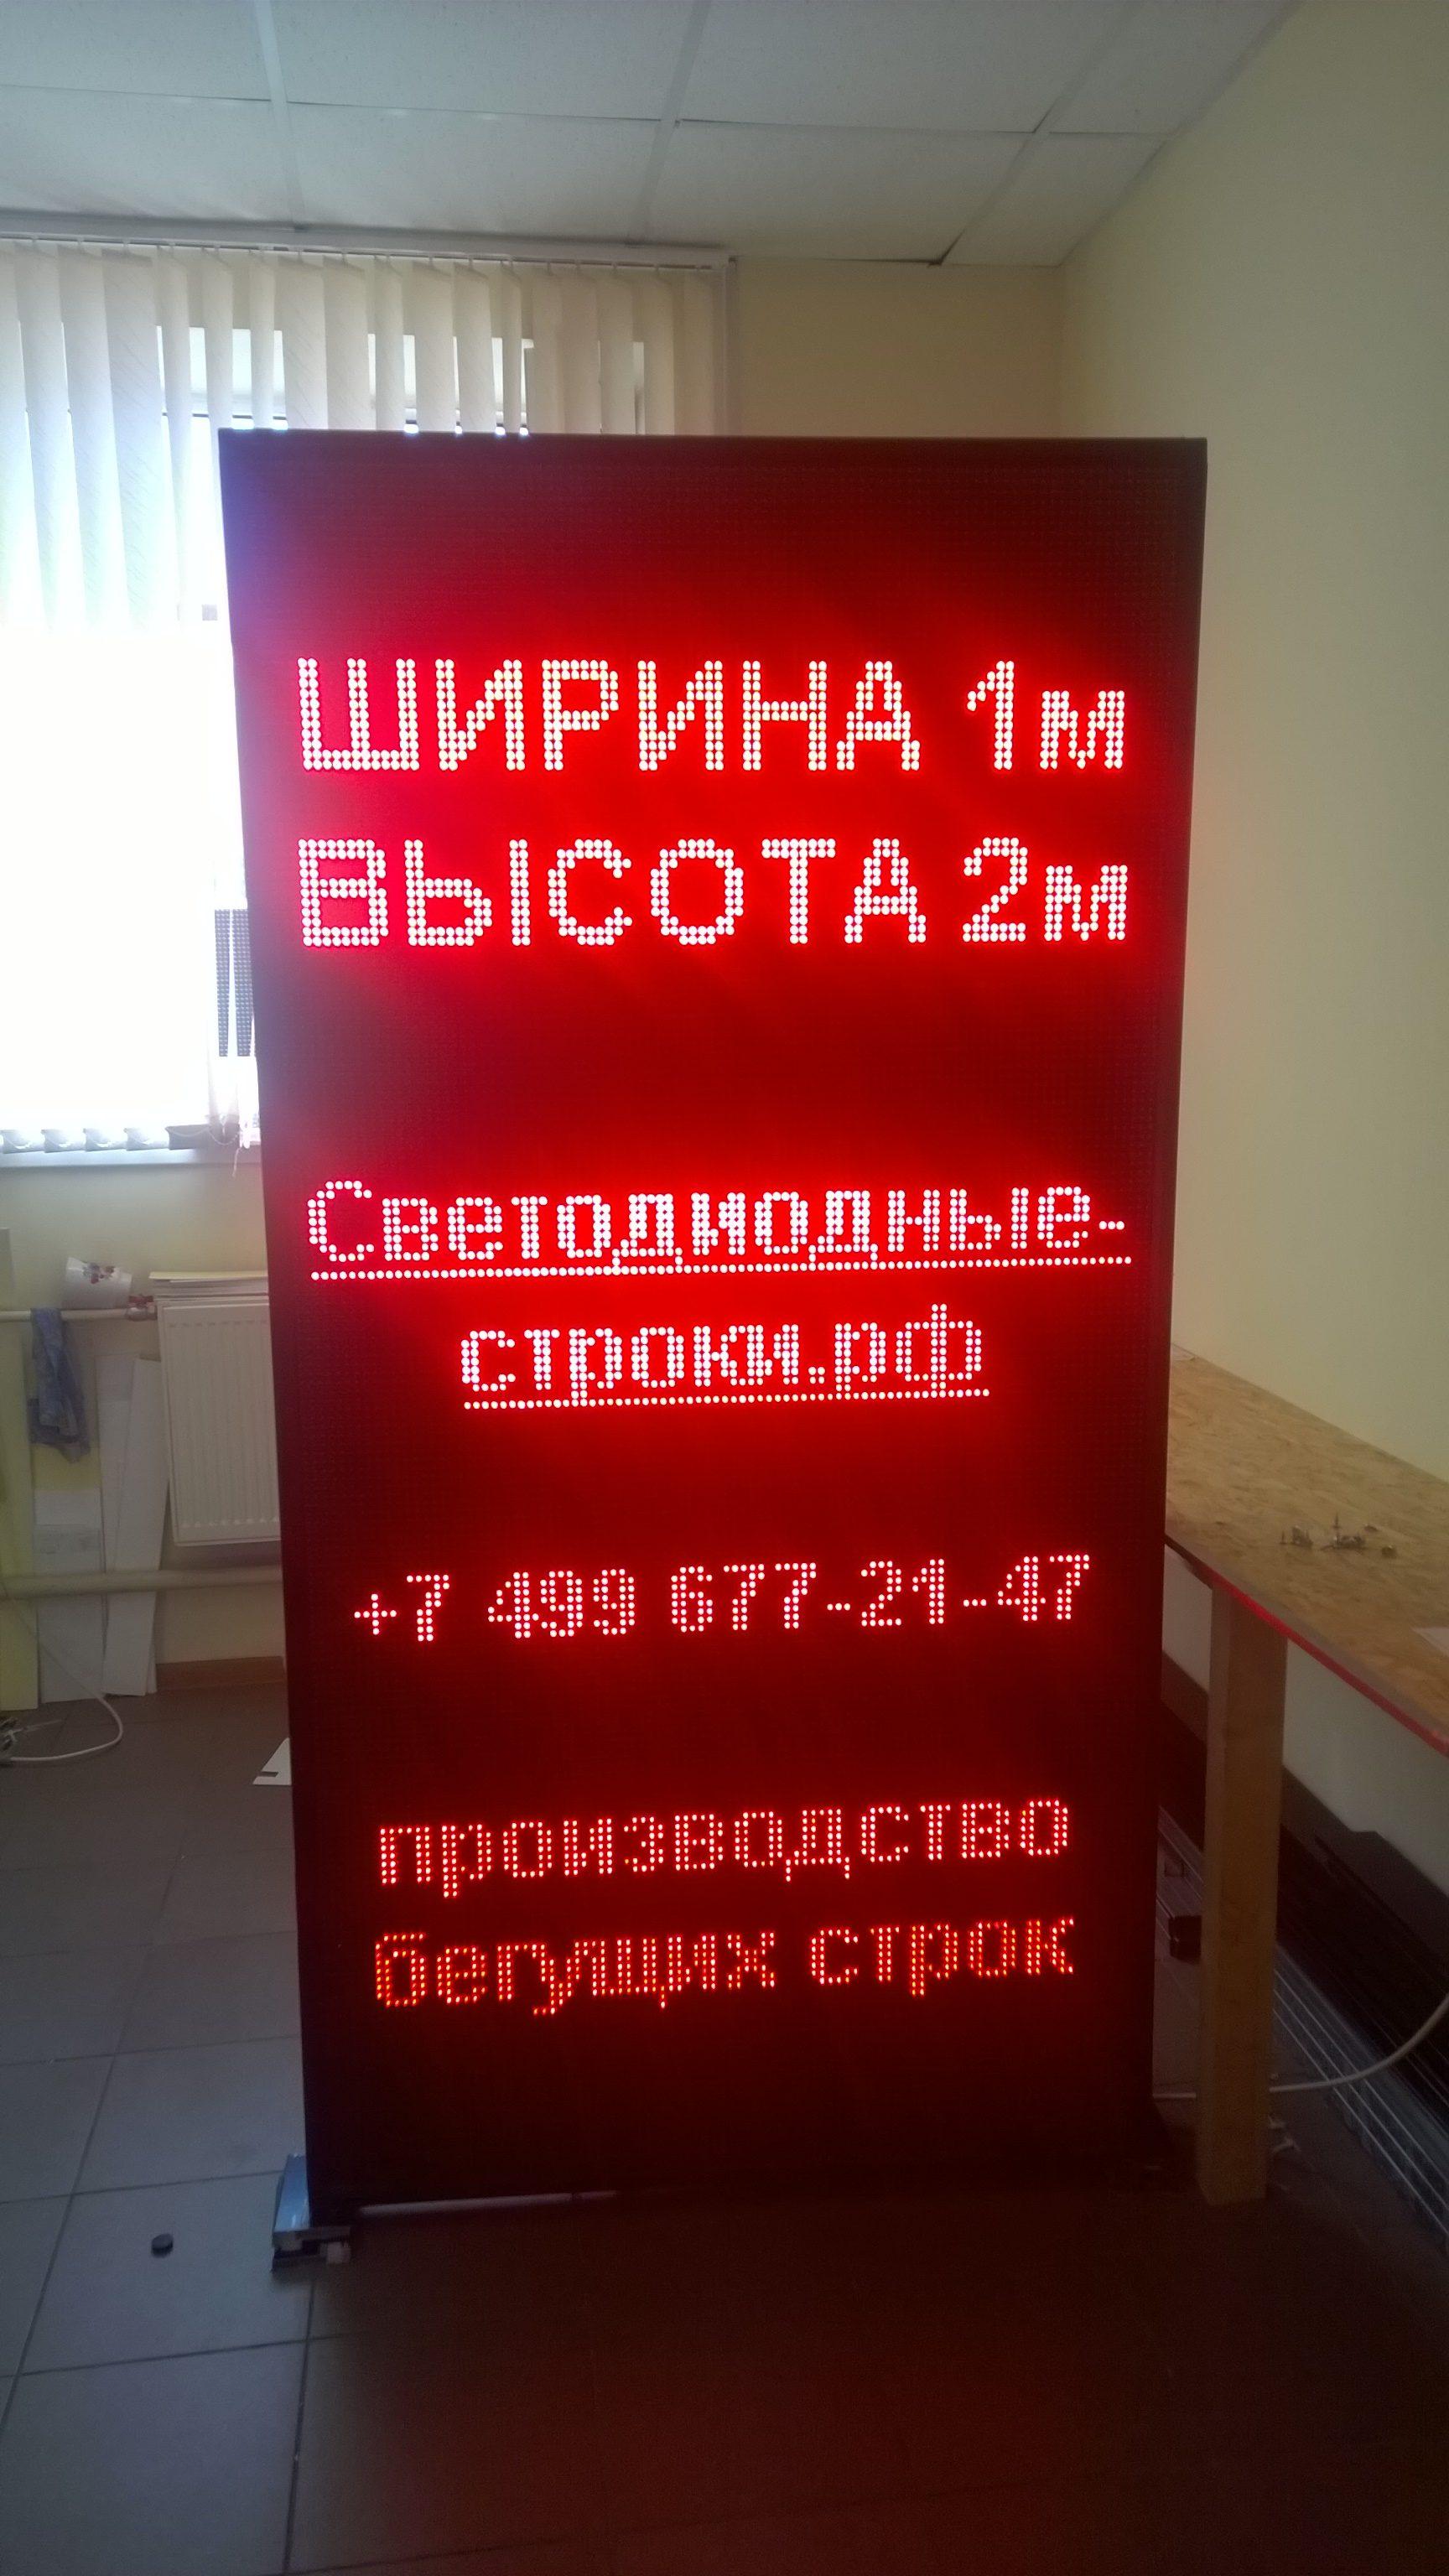 светодиодный экран бегущая строка 2x1 красный